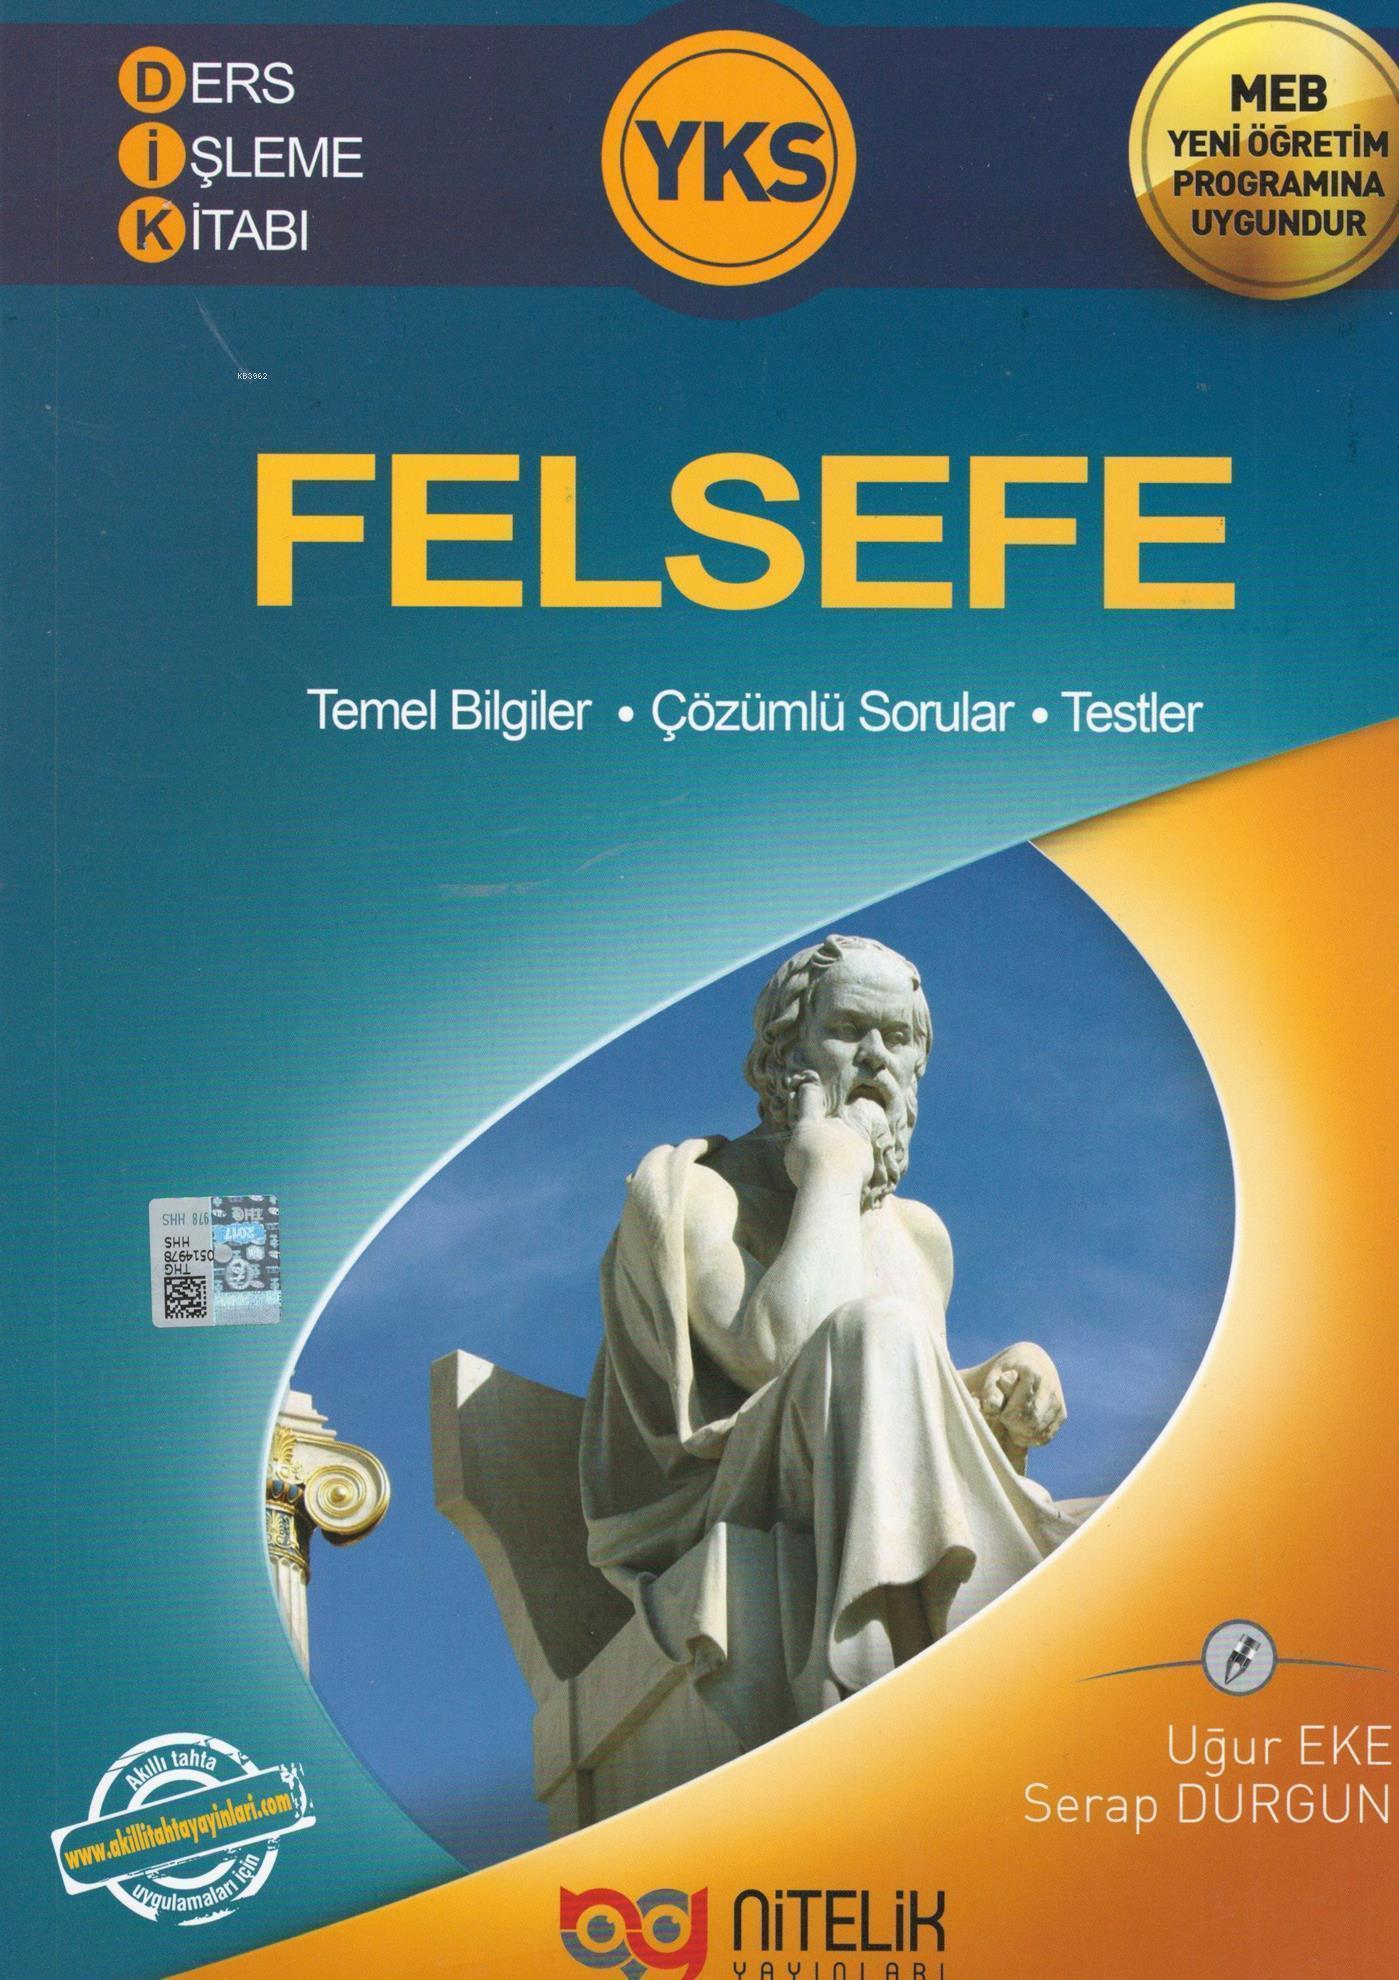 Nitelik Yayınları YKS Felsefe  Ders İşleme Kitabı